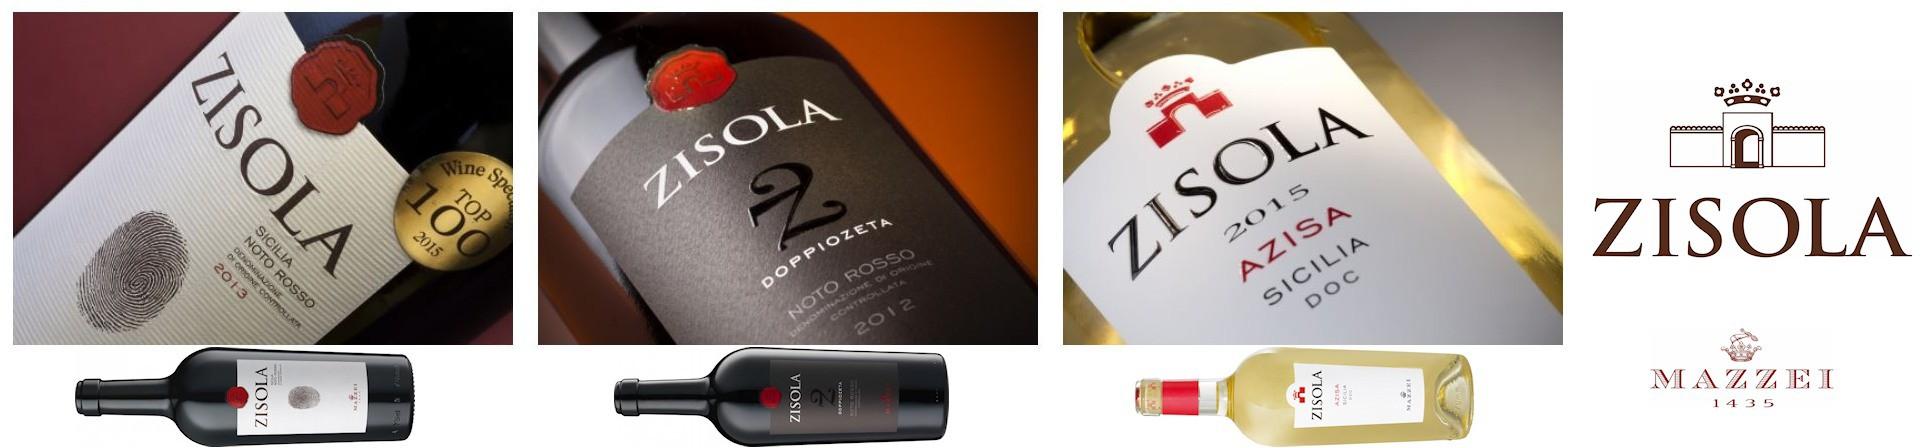 Vini siciliani - Nero d'Avola, Syrah, Petit Verdot, Grillo e Catarratto - Cantina Zisola vendita online